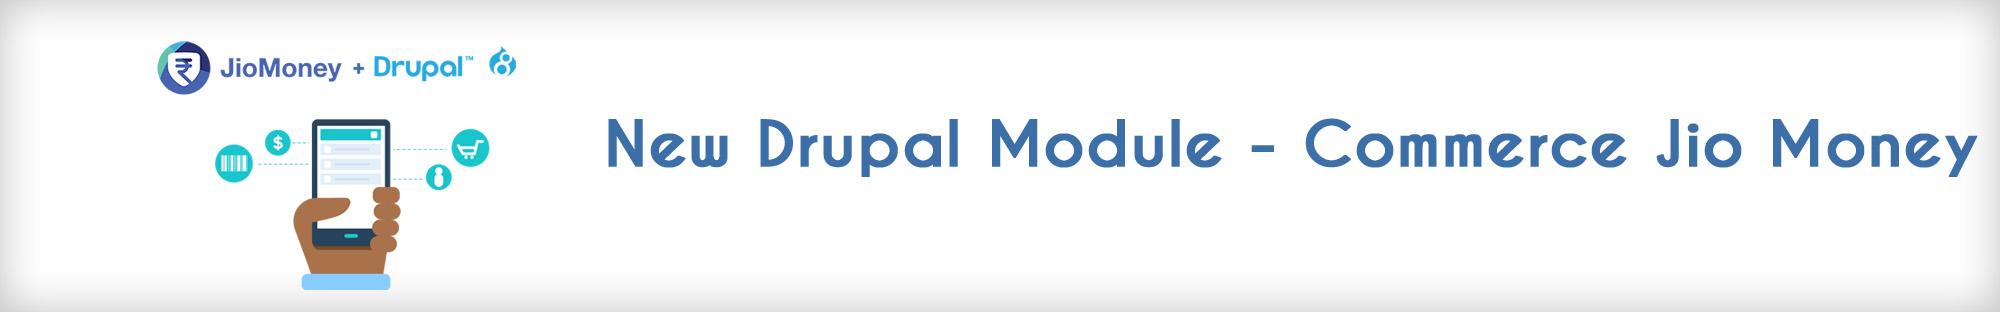 Jio-Money-New-Drupal-Module- Enhanced-Efficient-Mobile-Payments_blog copy.jpg